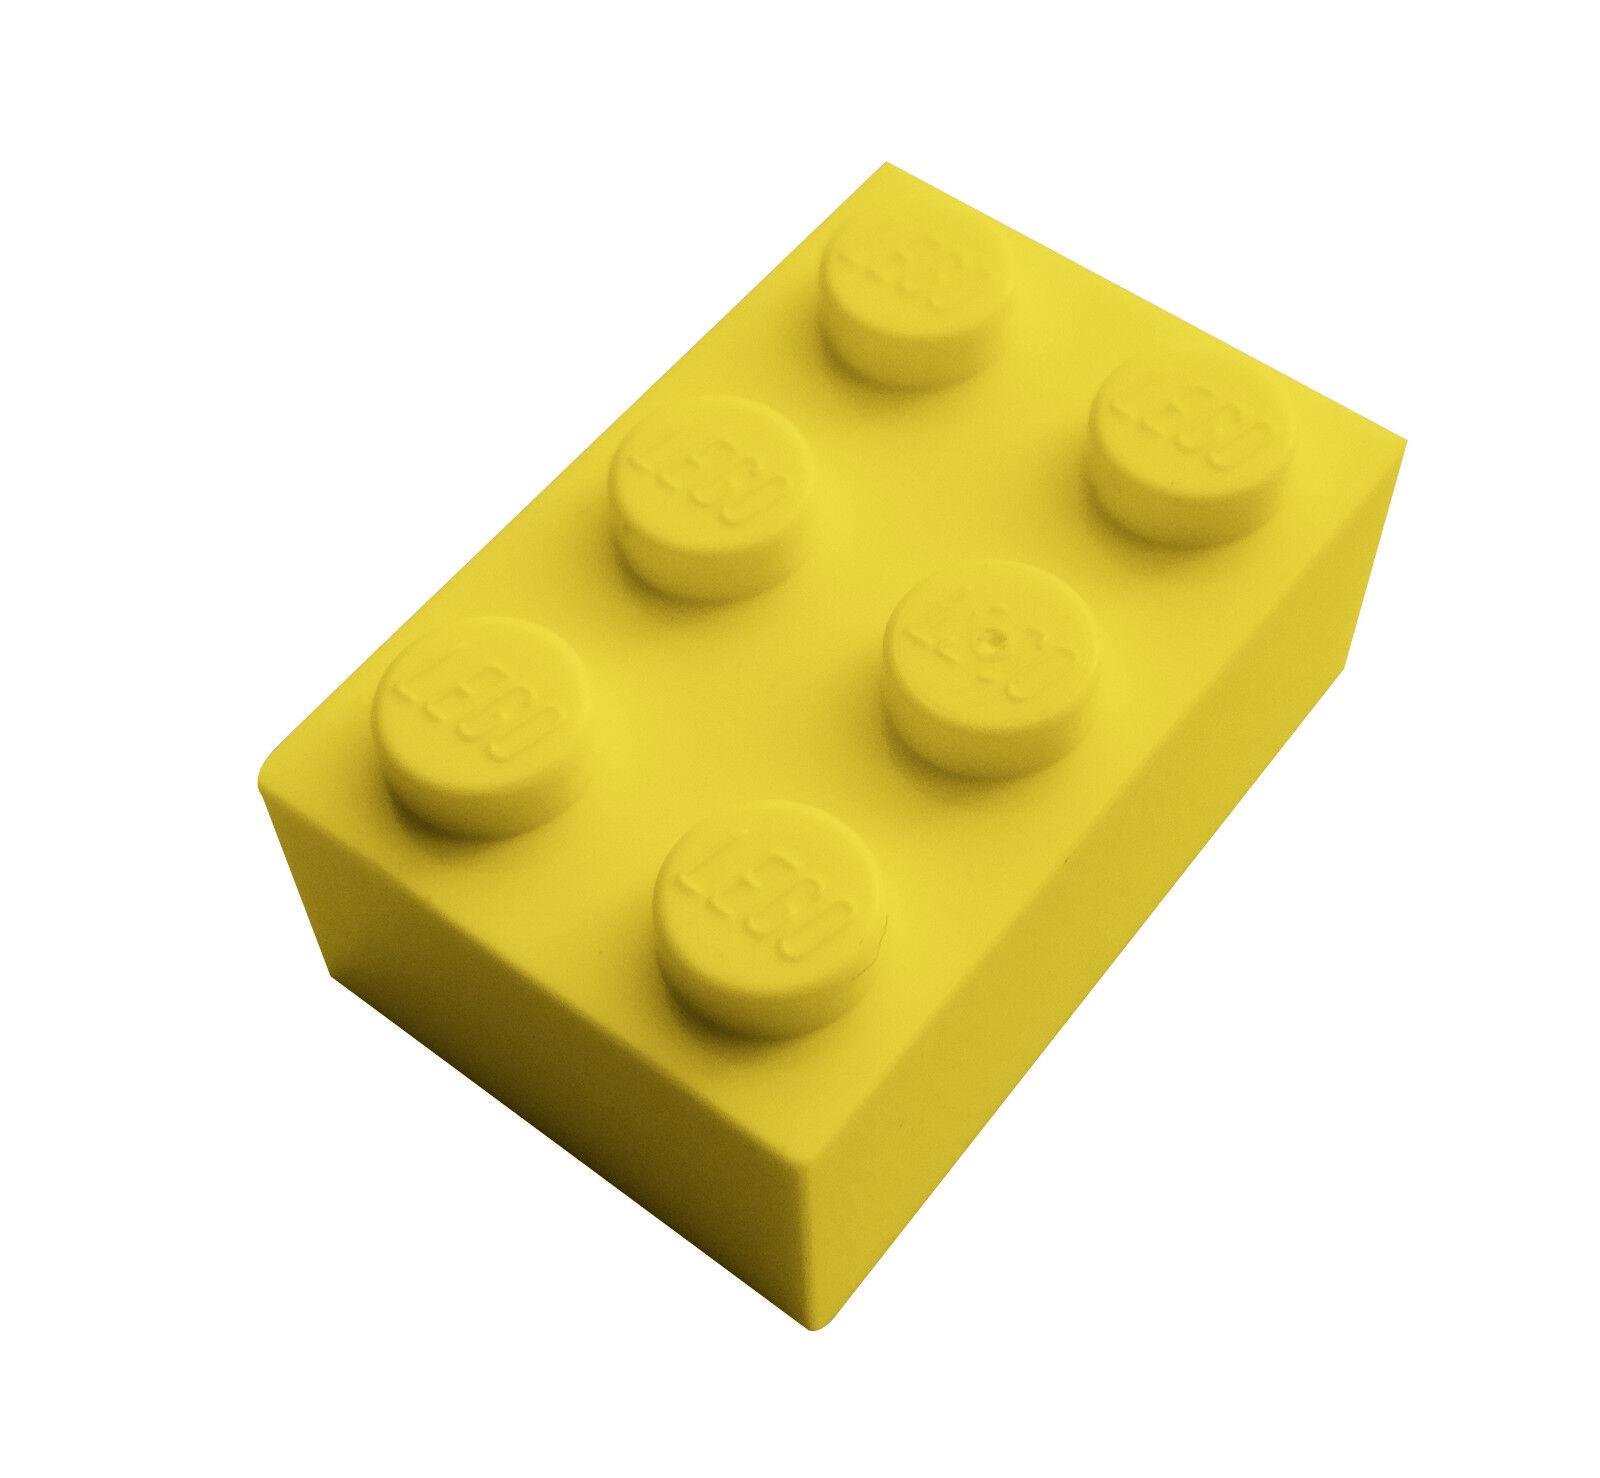 lime 1x1 Rundsteine Stein Steine rund Neu 1 x 1 New Lego 50x Rundstein limette